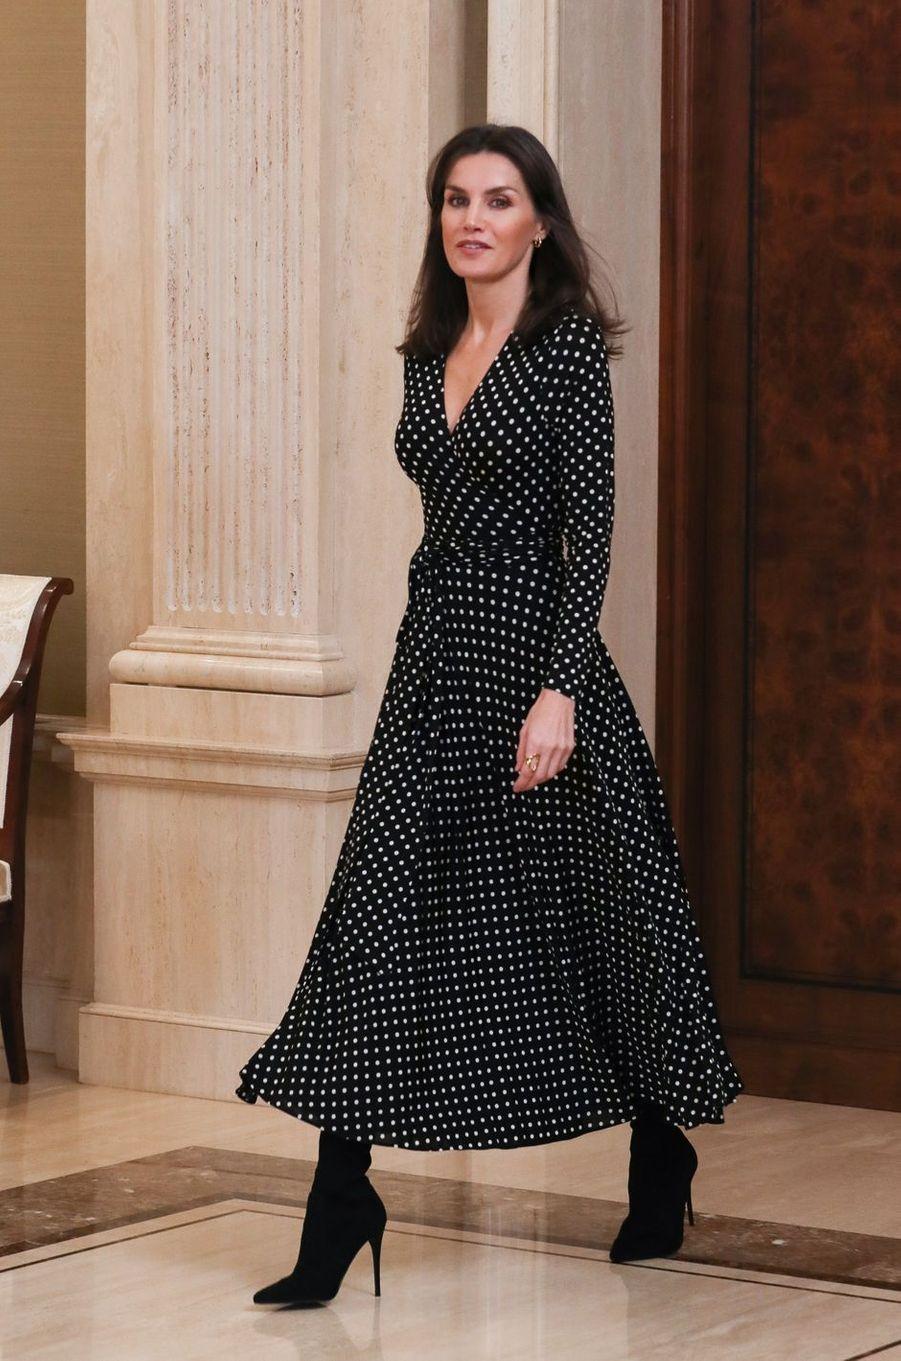 La reine Letizia d'Espagne, dans une nouvelle robe Carolina Herrera, à Madrid le 28 janvier 2020